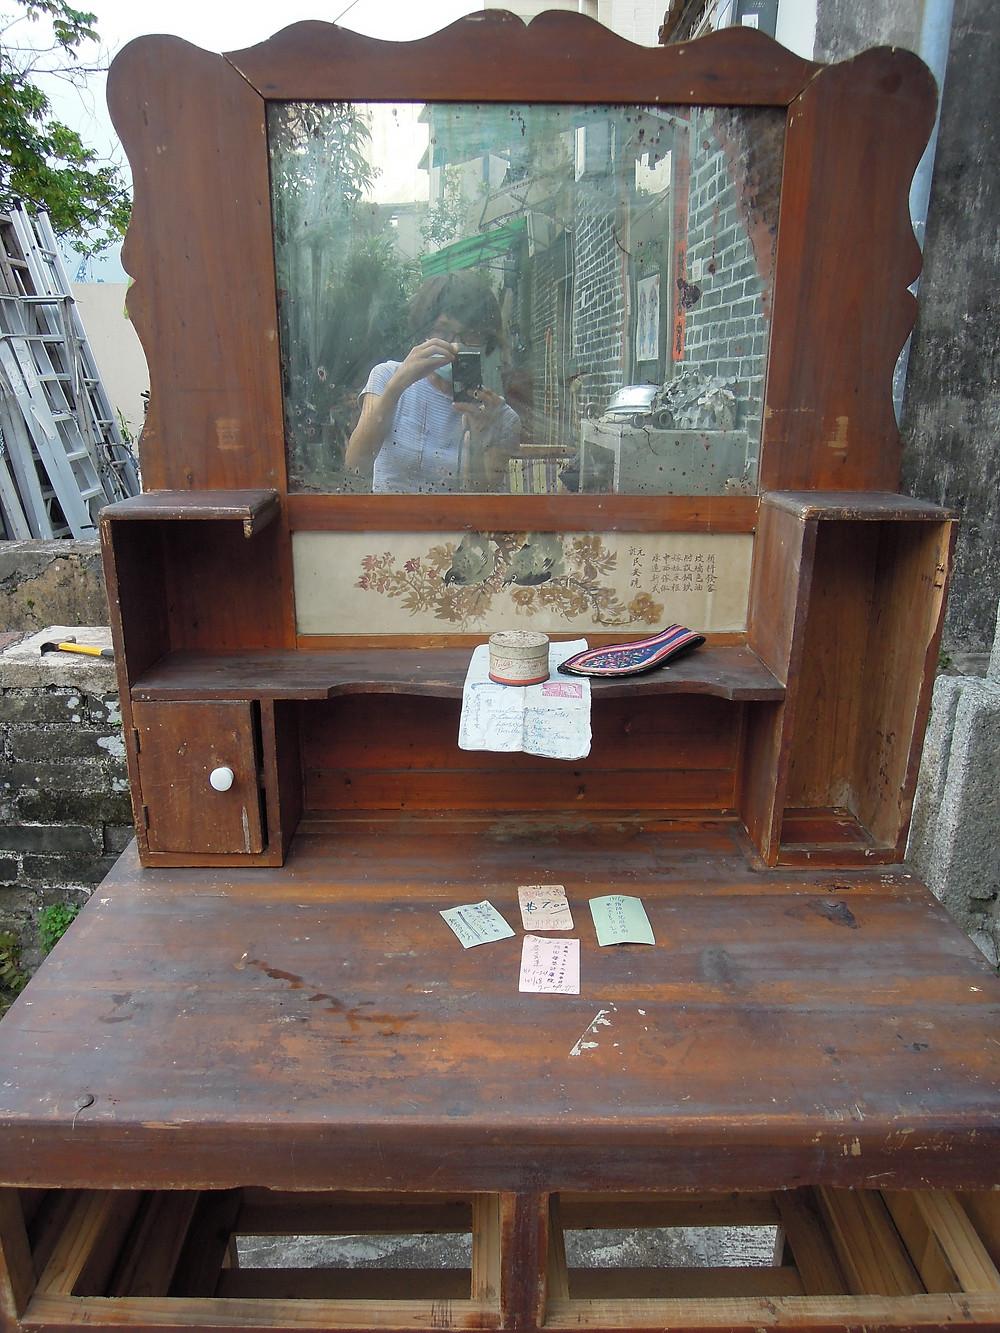 從垃圾站撿回來元朗製造的古董梳妝台